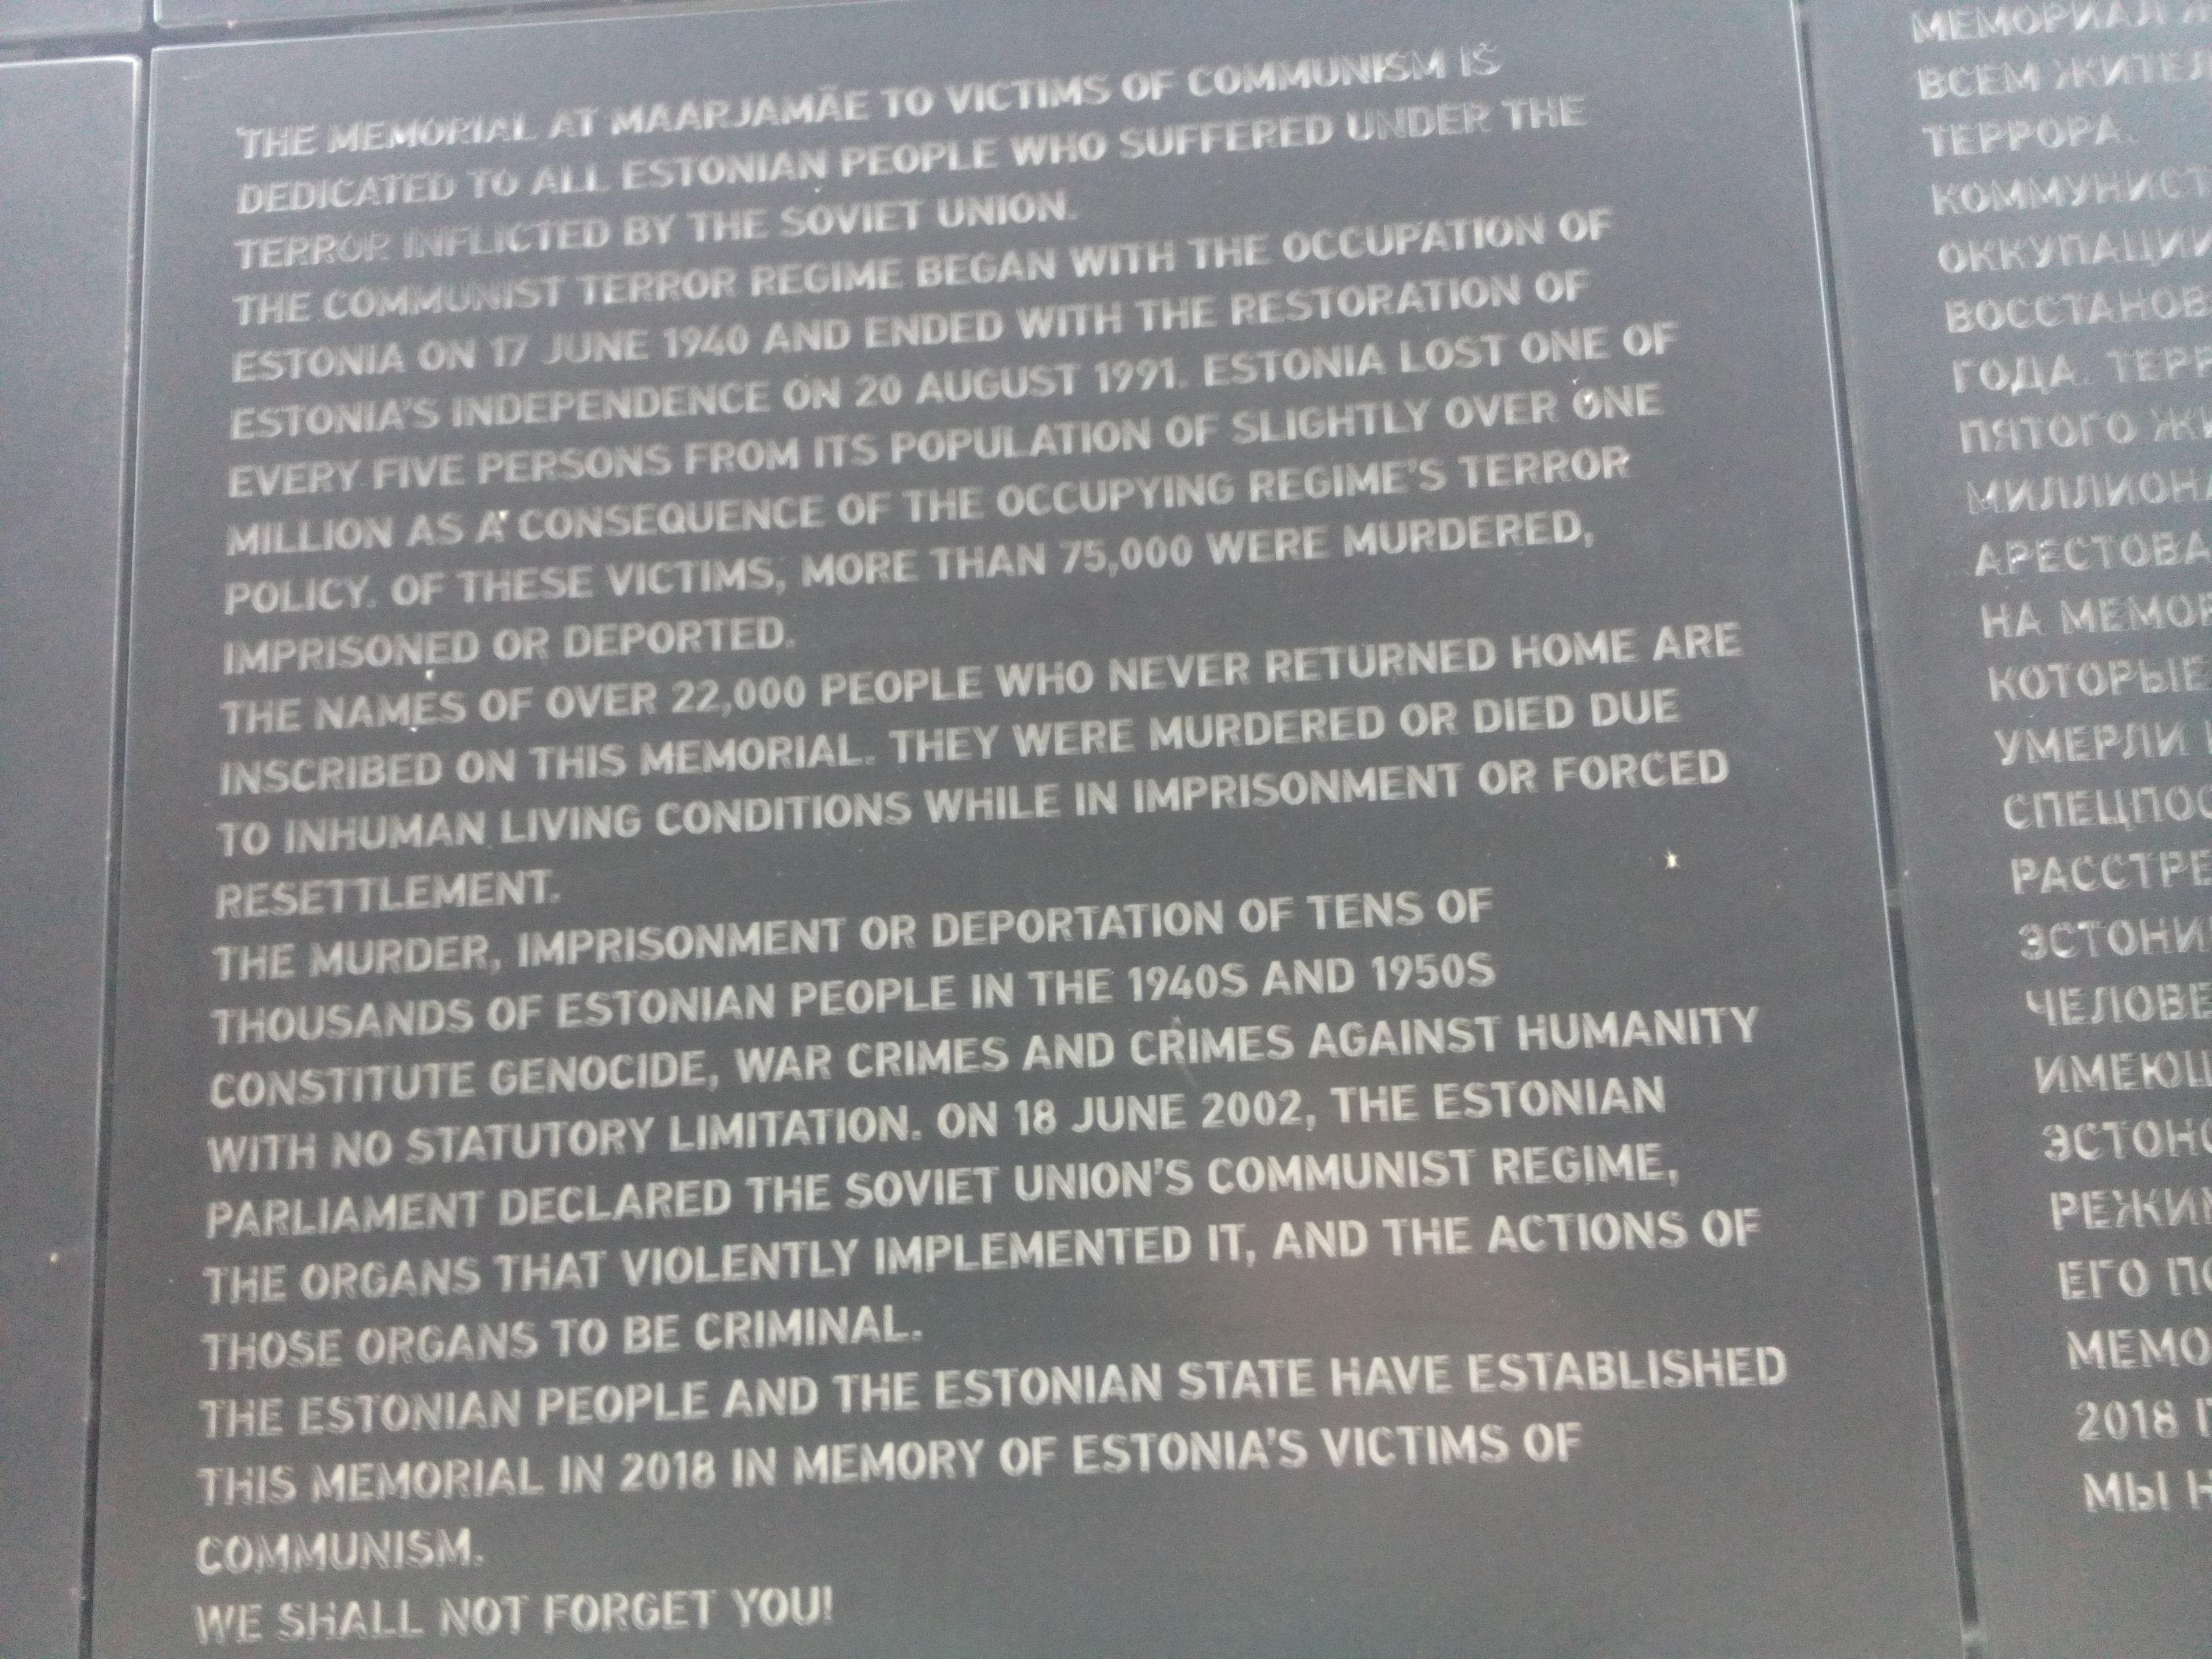 https://i.amy.gy/201808-estonia/IMG_20180824_192806.jpg